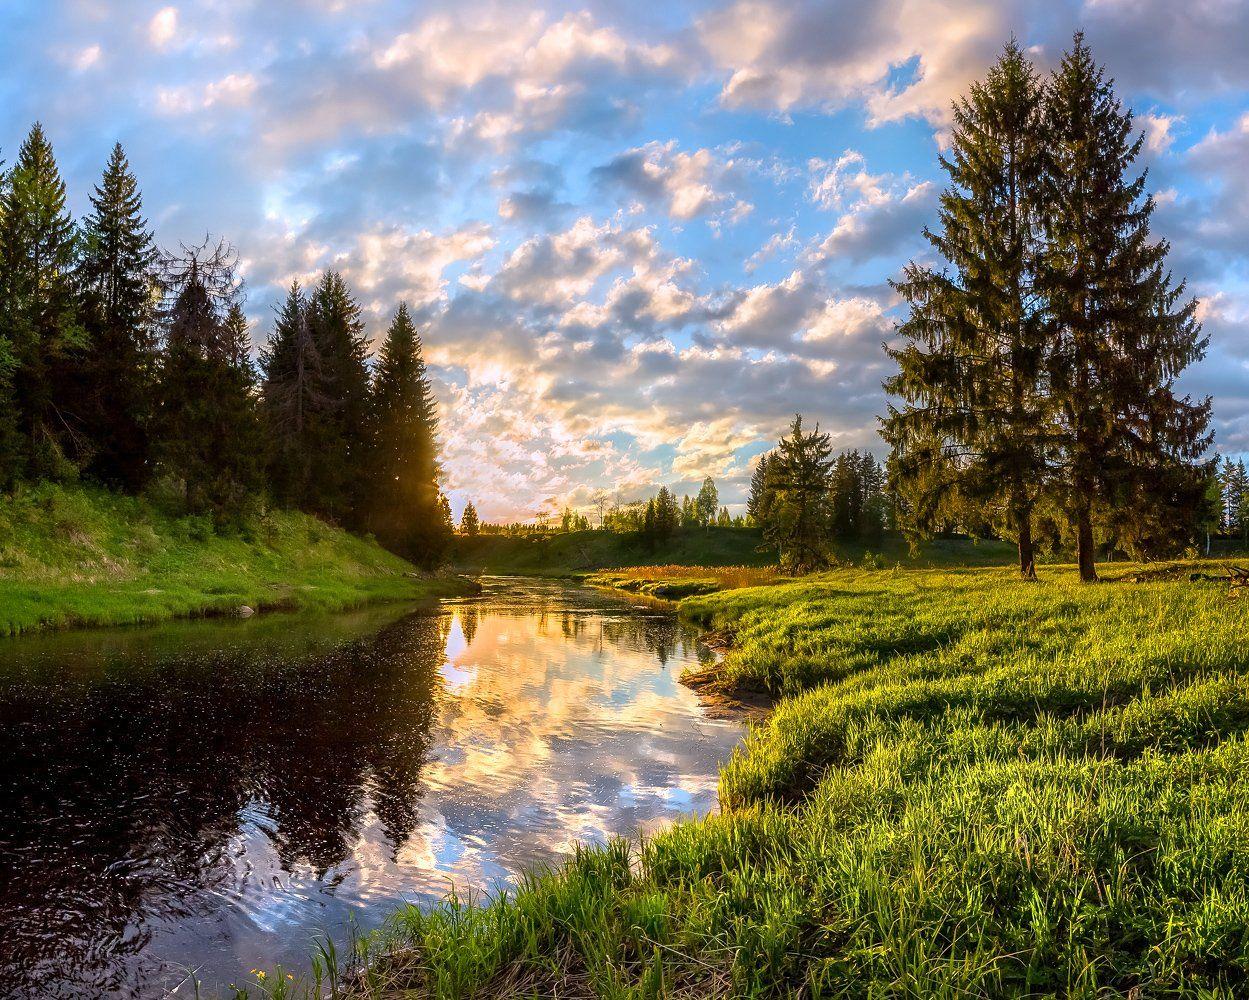 фототур, закат, река, весна, ленинградская область, деревья, лес, сказка, ели, облака, отражение, трава, берег,, Лашков Фёдор